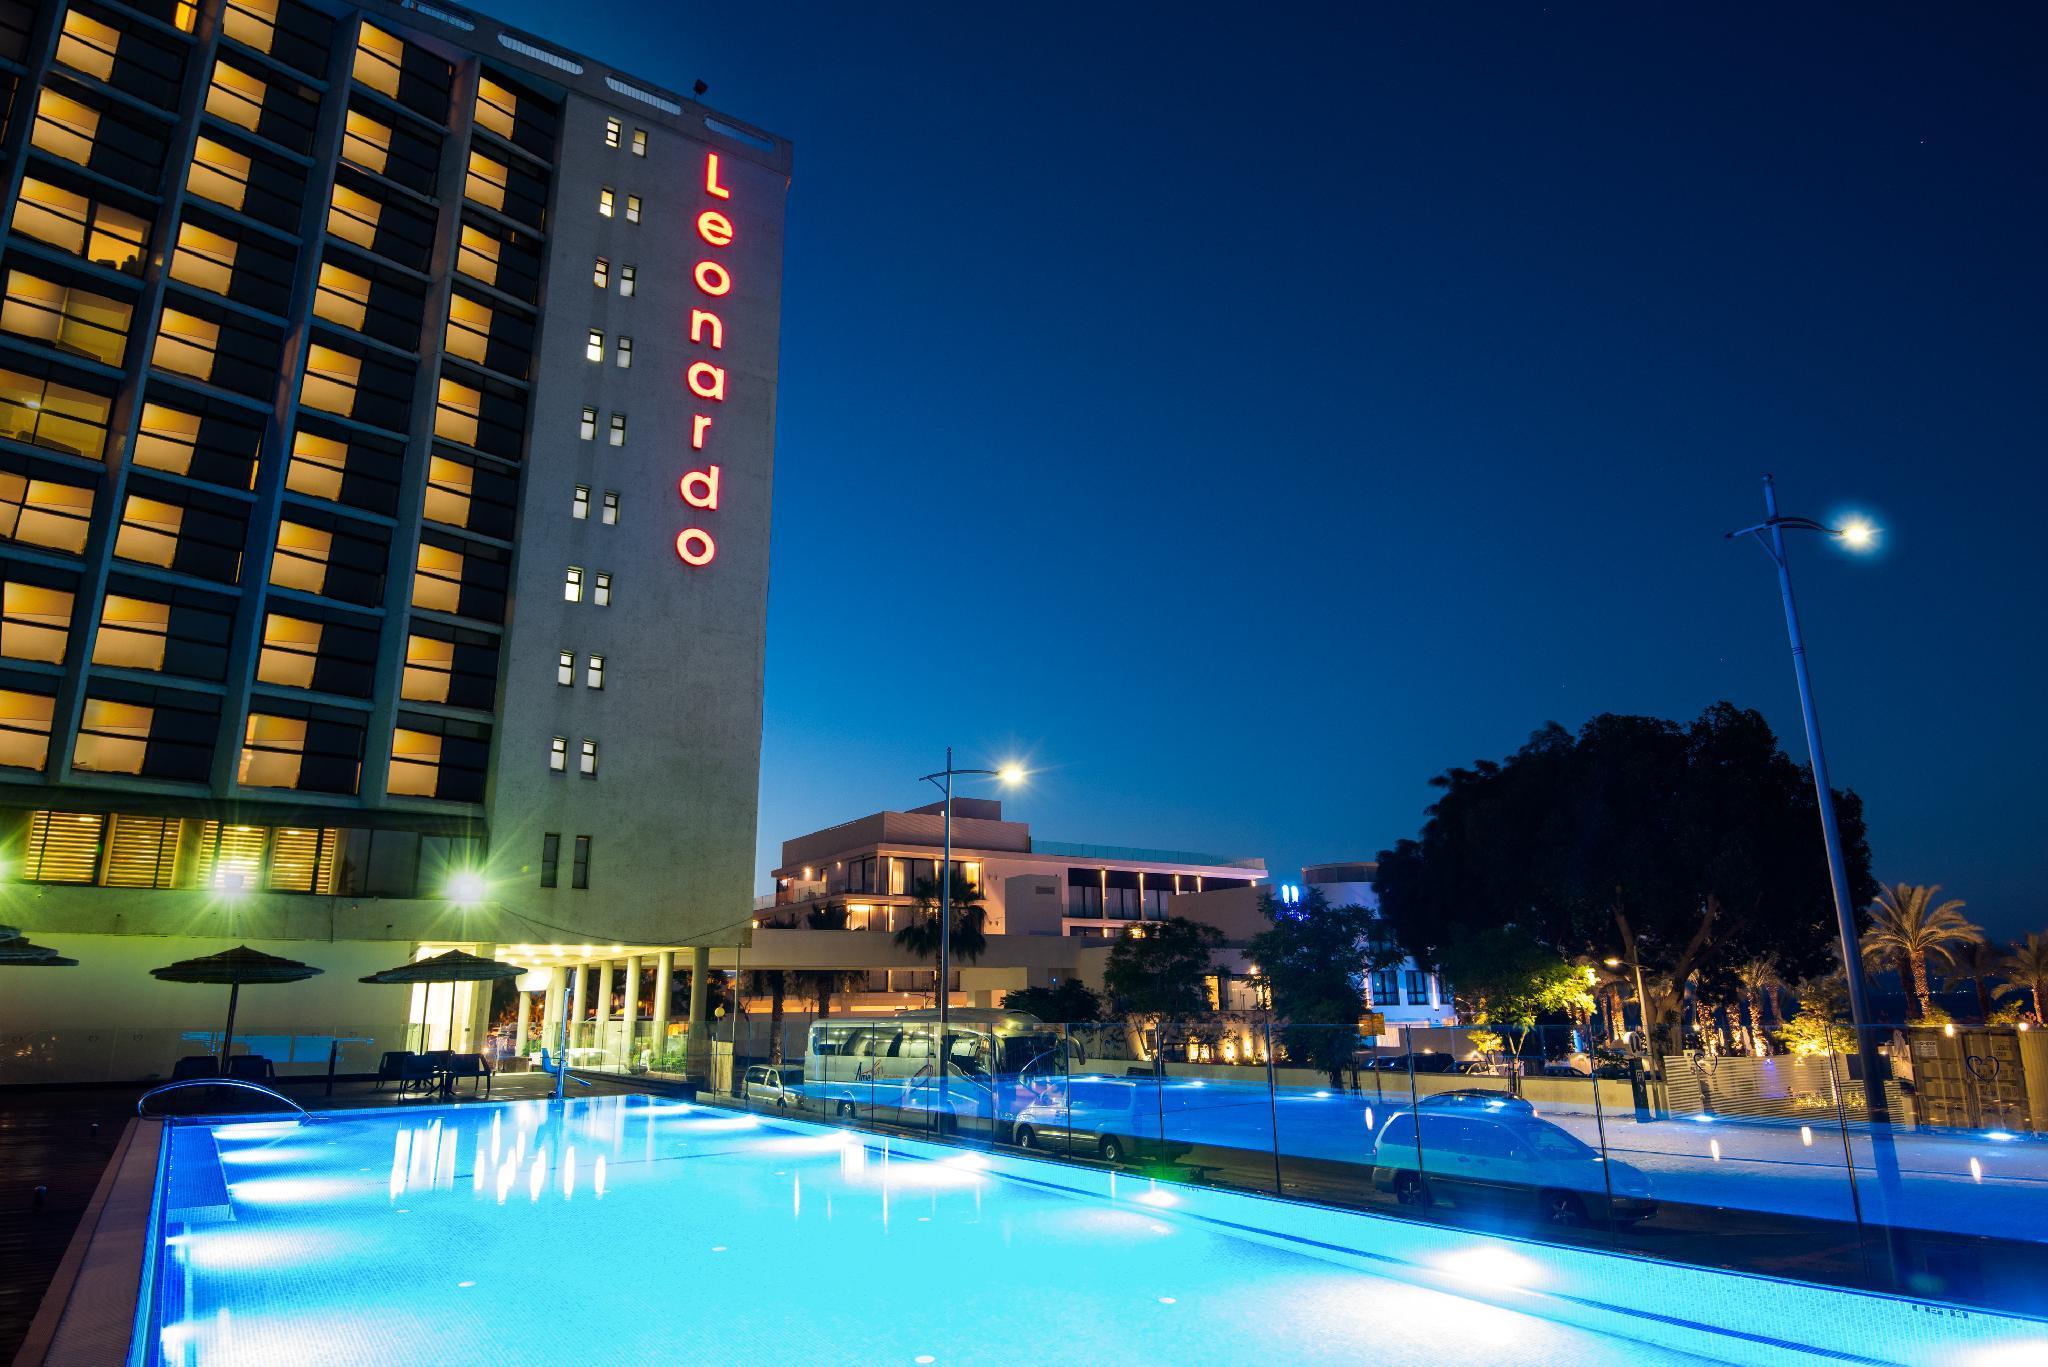 Leonardo Hotel Tiberias